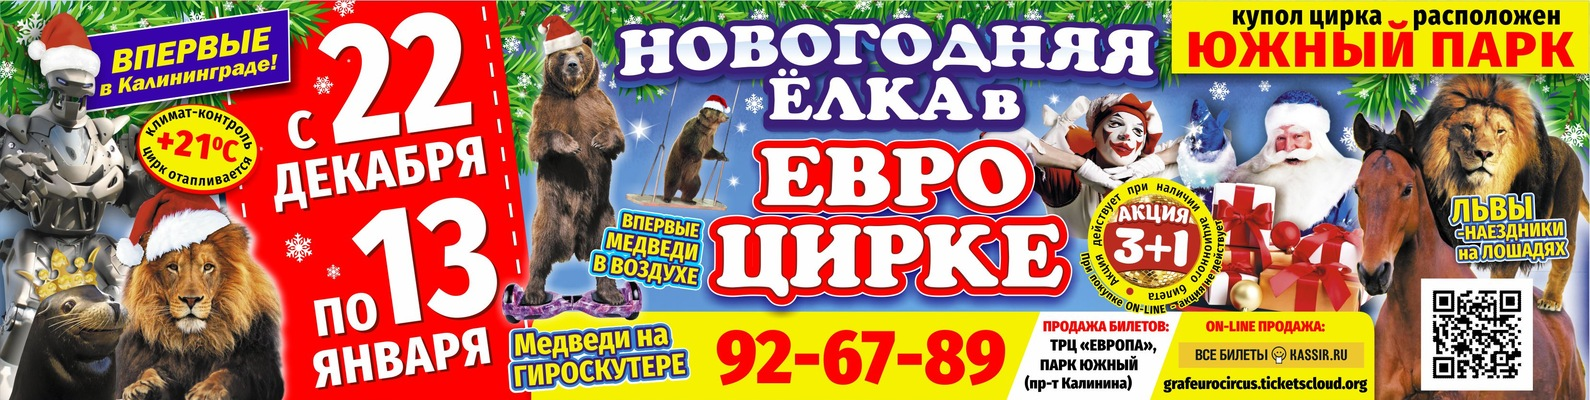 Евро цирк купить билет театр оперетты официальный сайт афиша на декабрь 2015